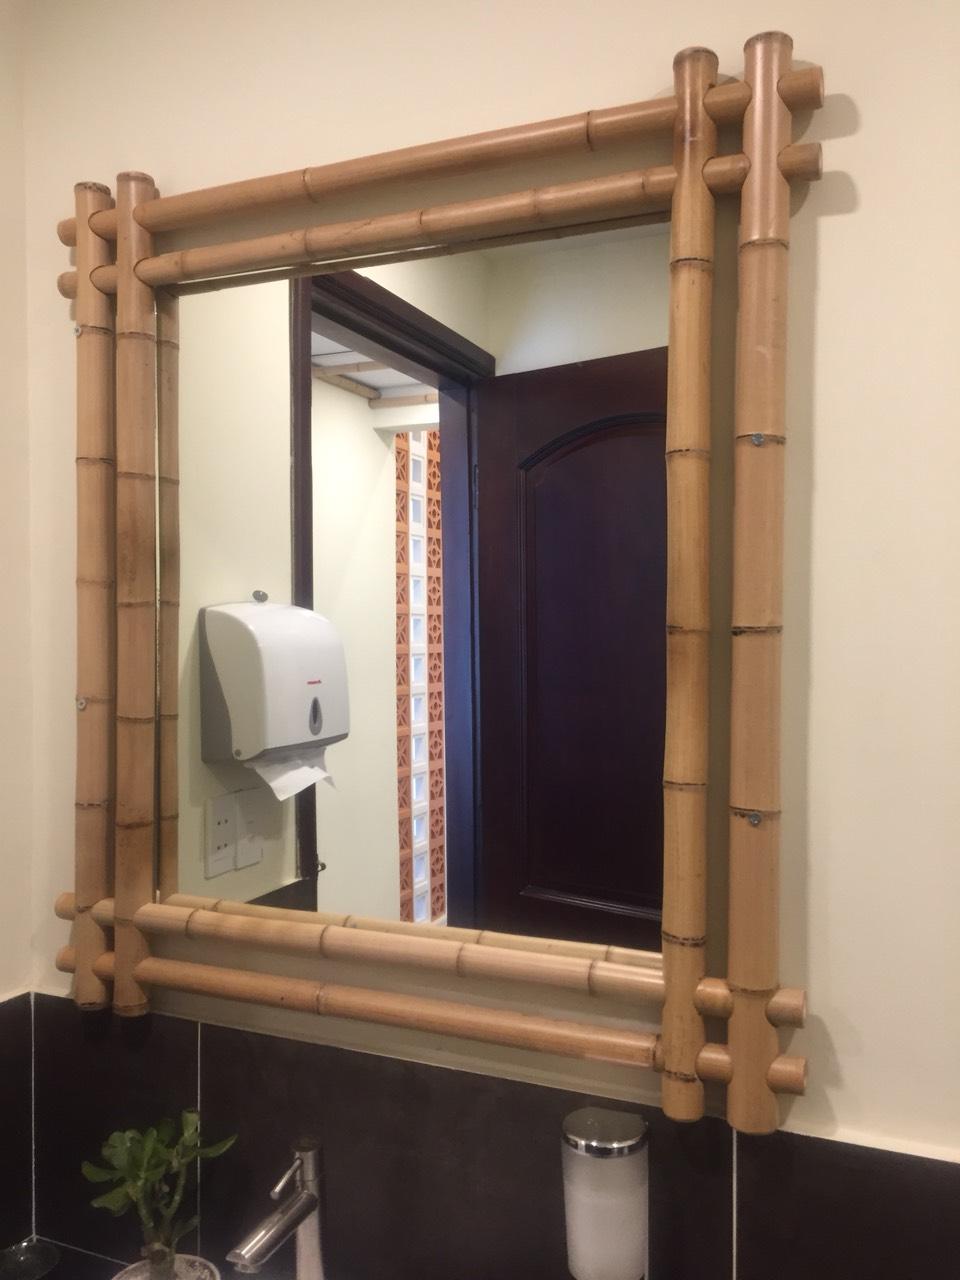 Ốp khung gương trang trí tre trúc cho khách sạn, homestay, khu nghỉ dưỡng